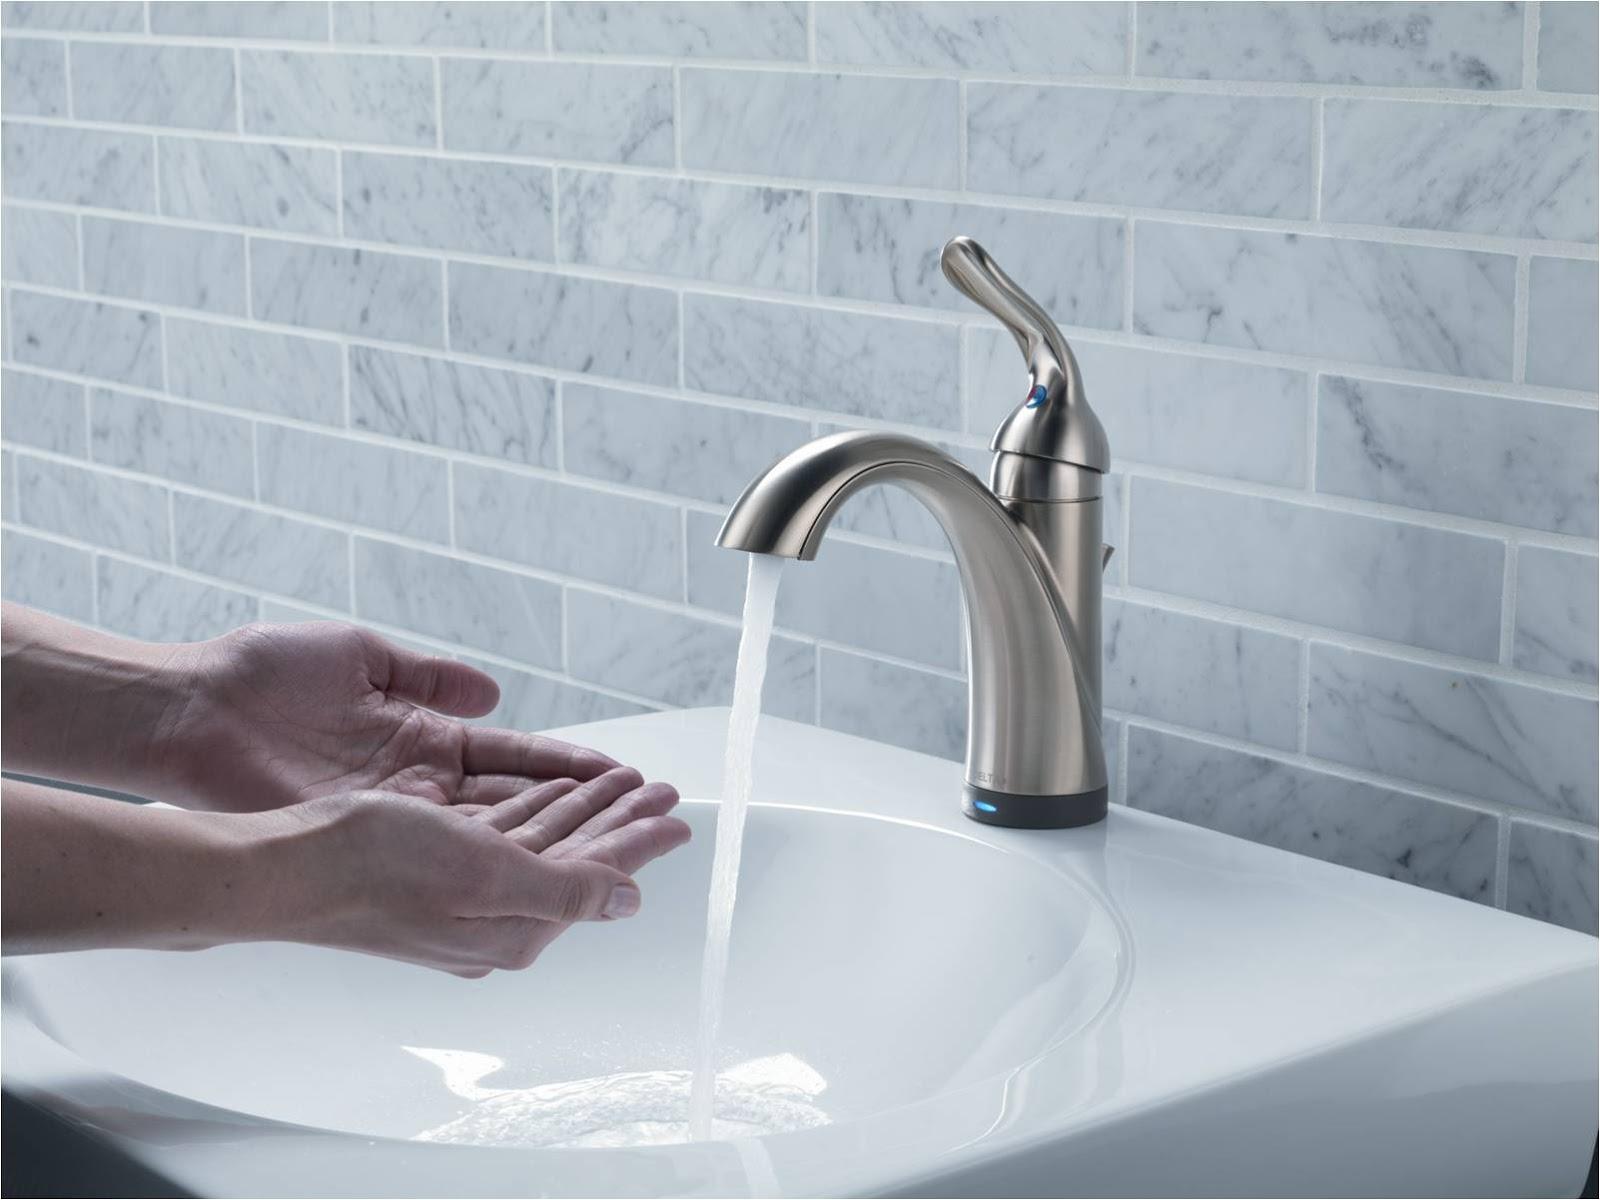 Een lopende waterkraan dicht draaien helpt om te besparen